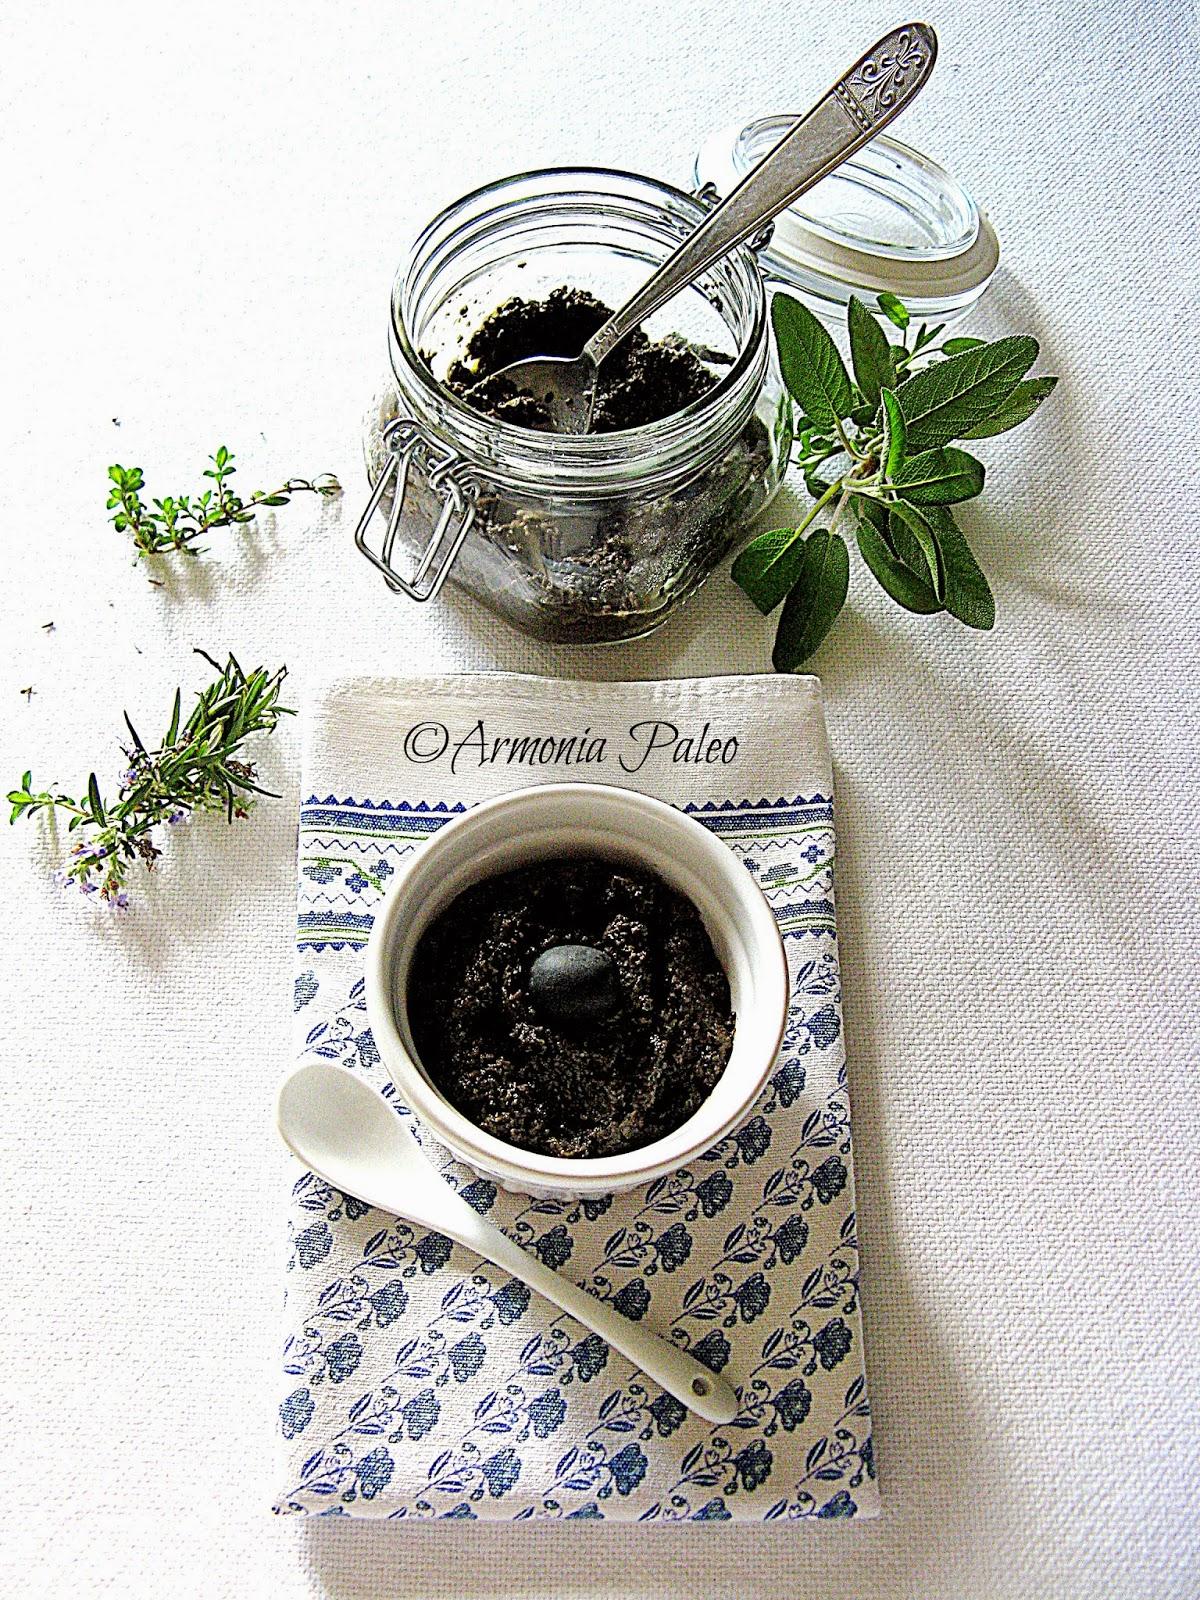 Tapenade - Pesto di Olive Nere di Armonia Paleo